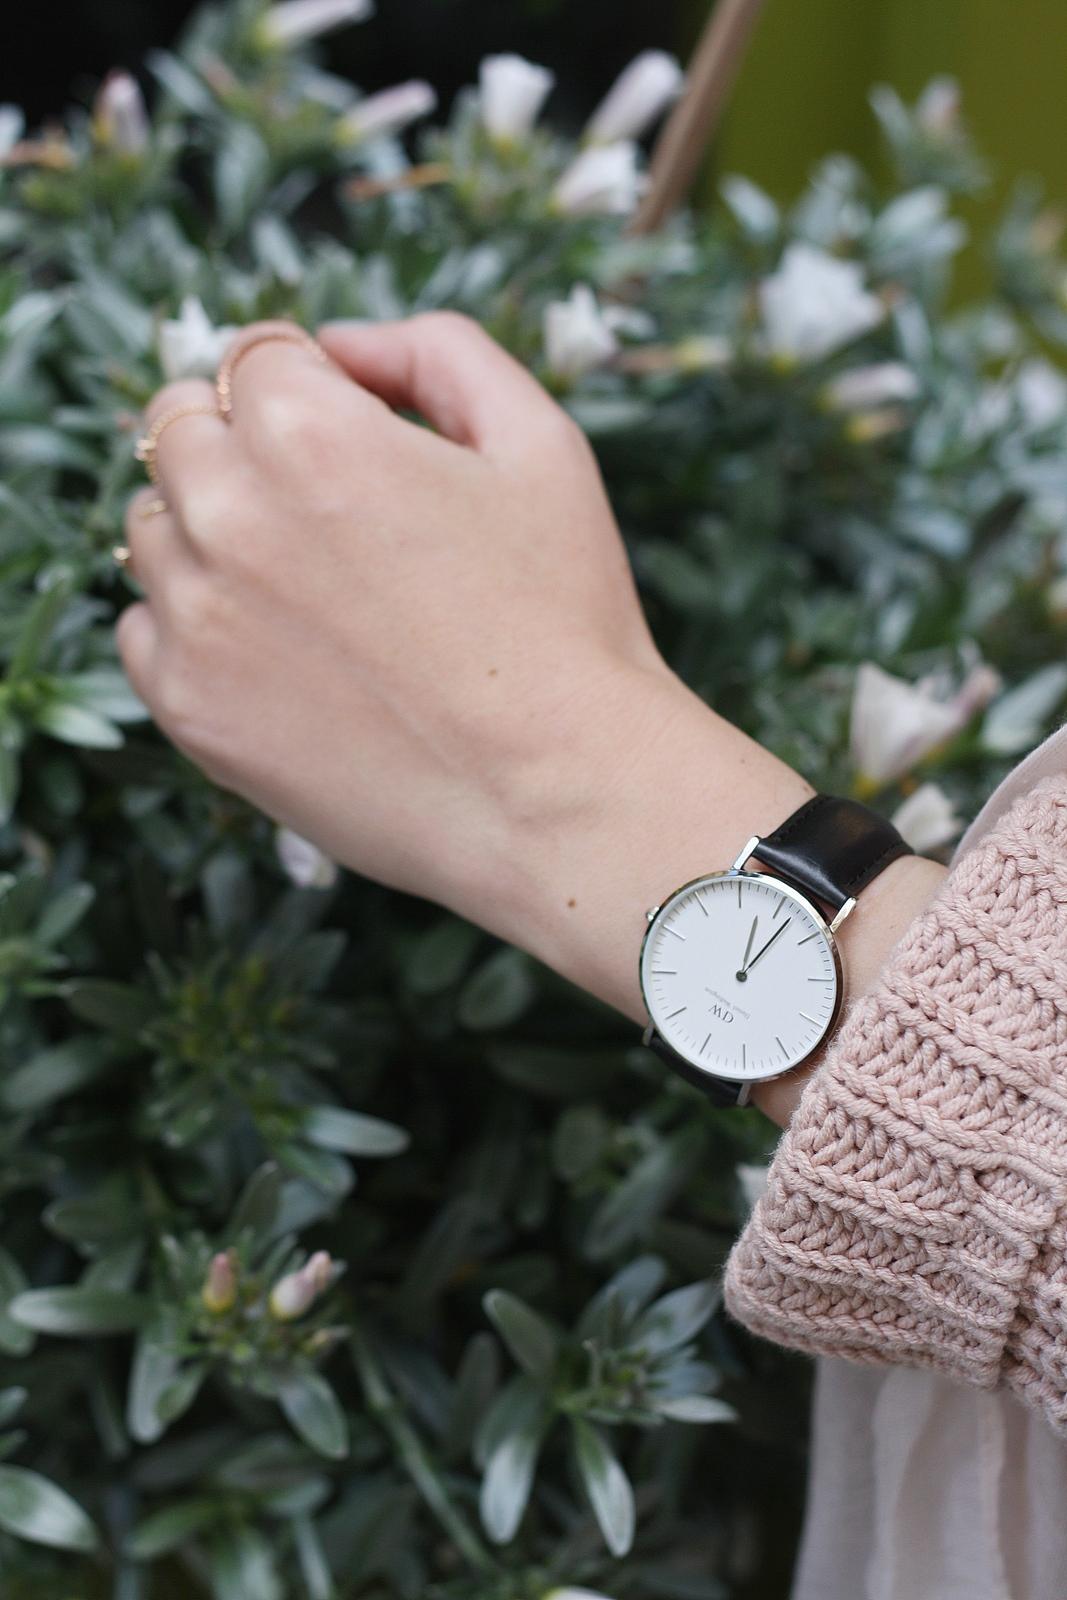 Blog mode femme Paris - Du style, Madame - Streetstyle - look - daniel wellington - montre